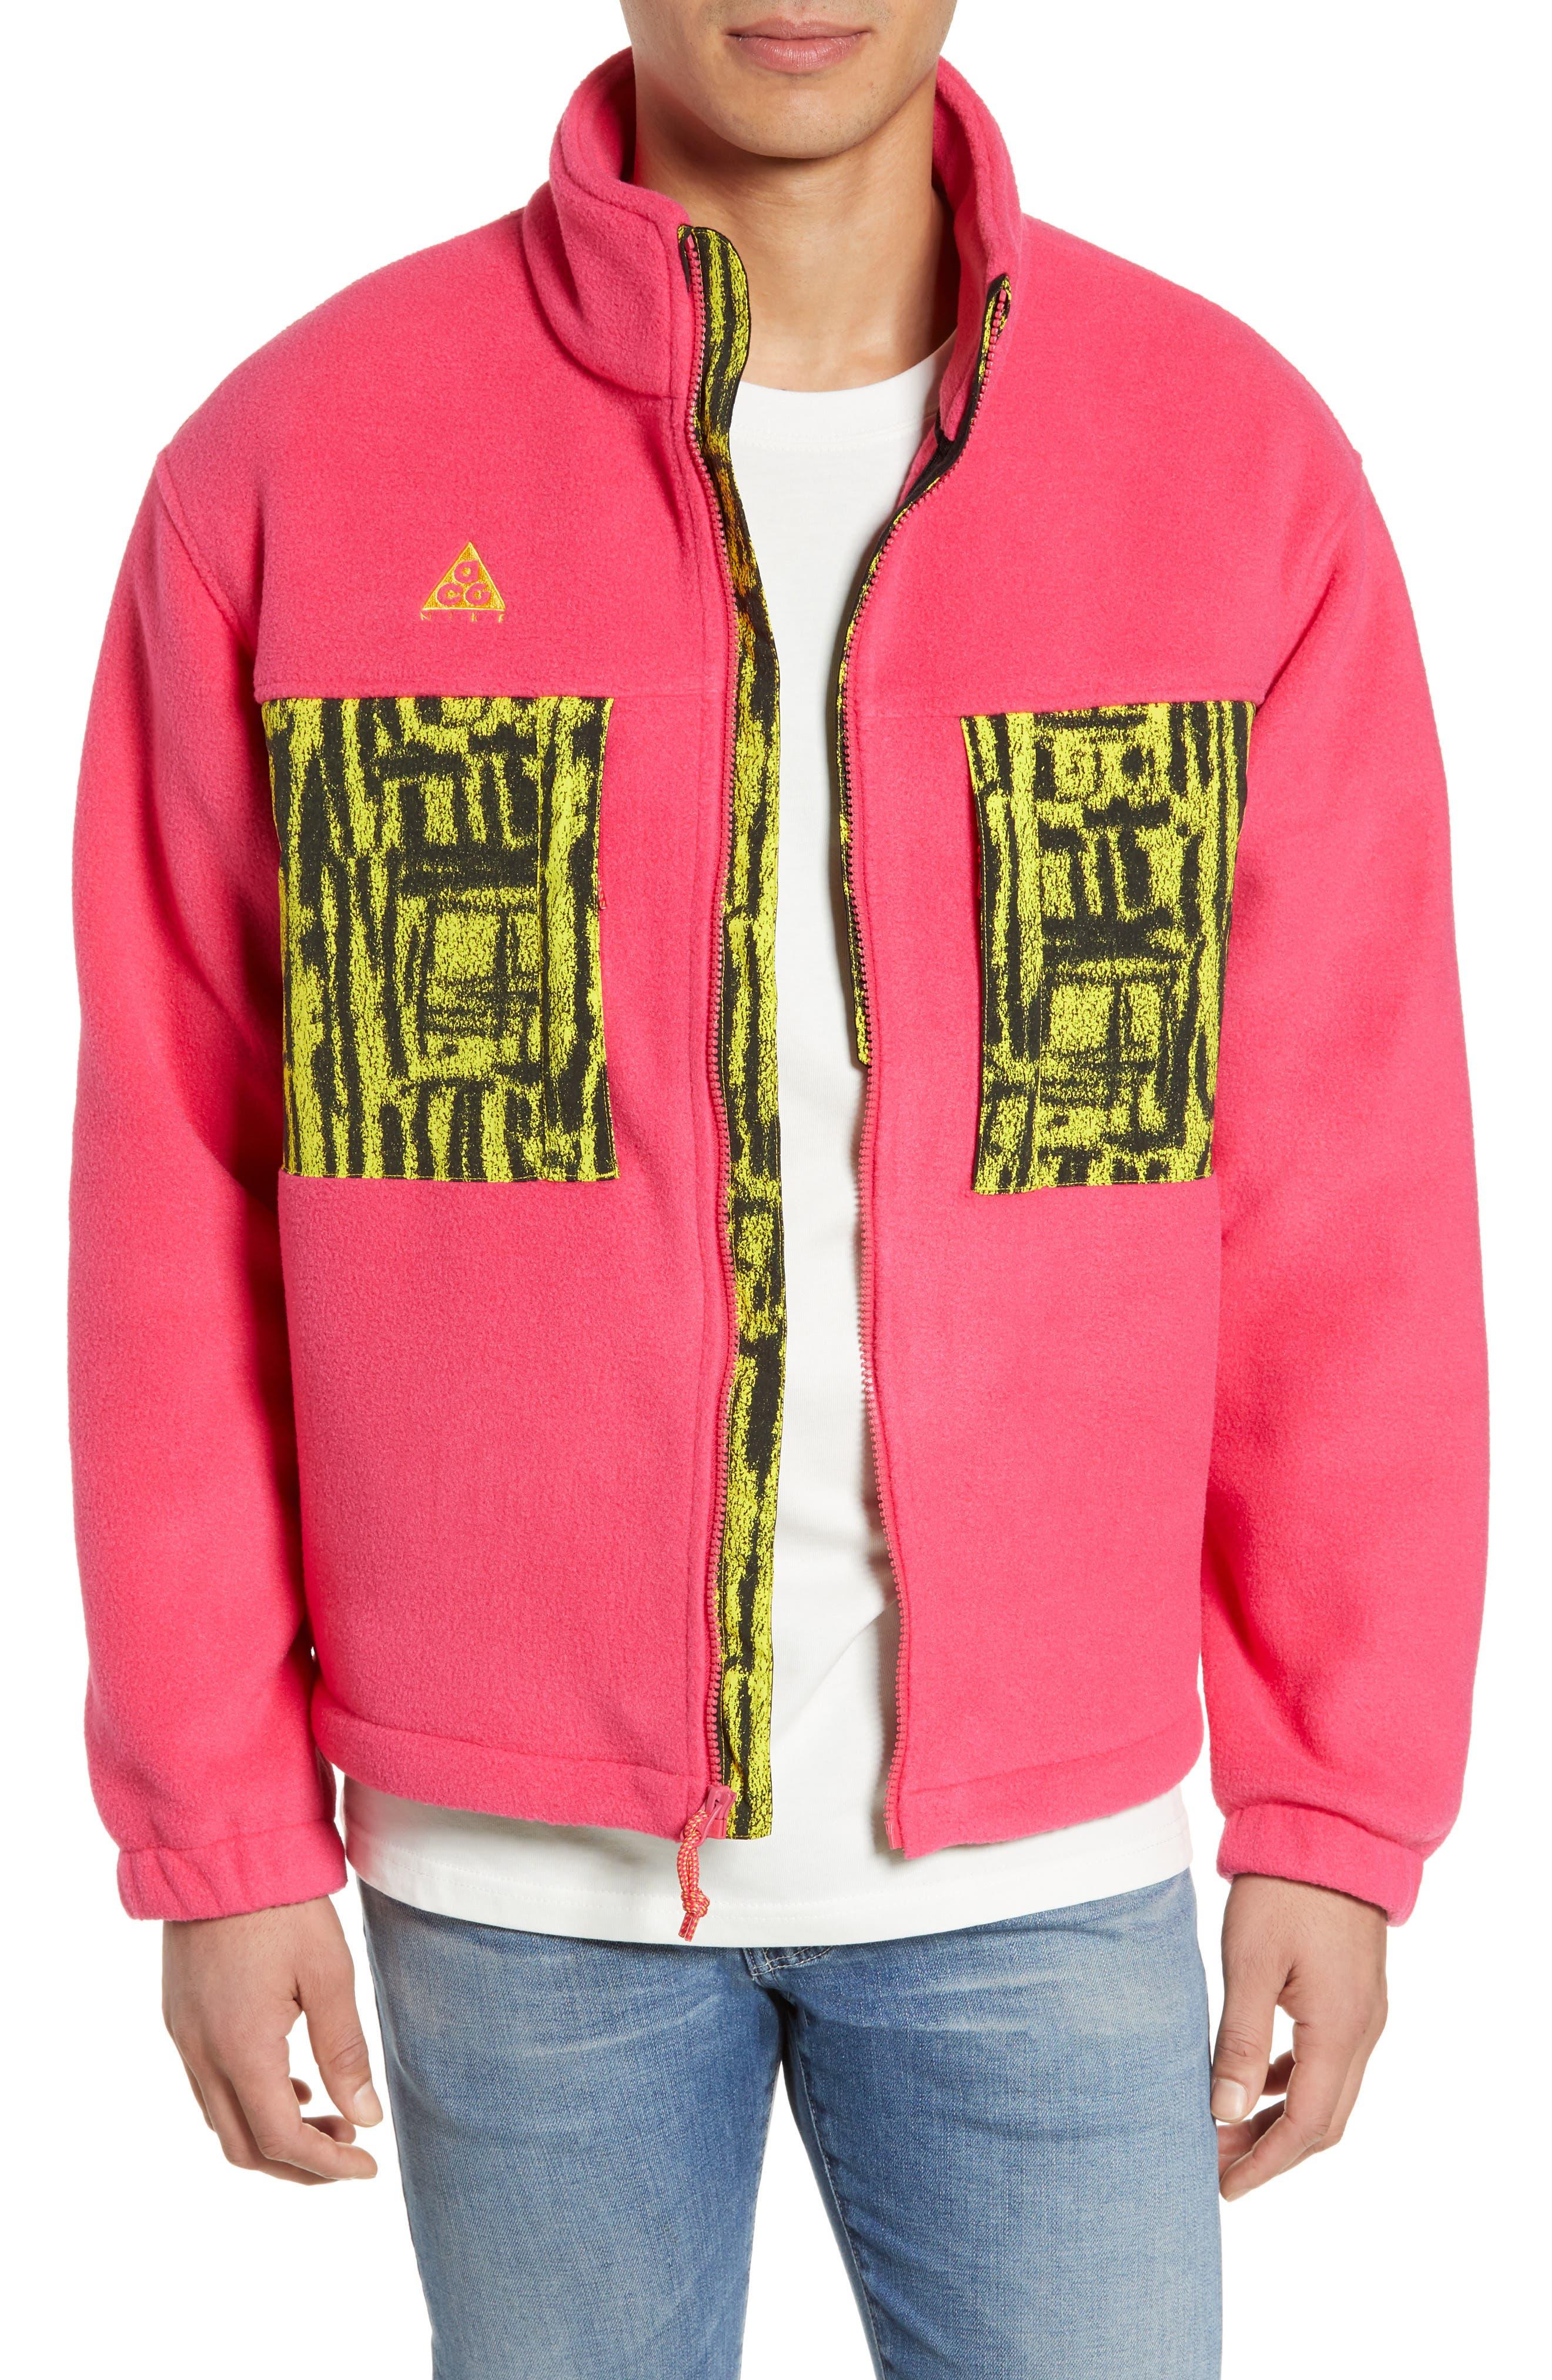 Nike Acg Fleece Jacket, Pink